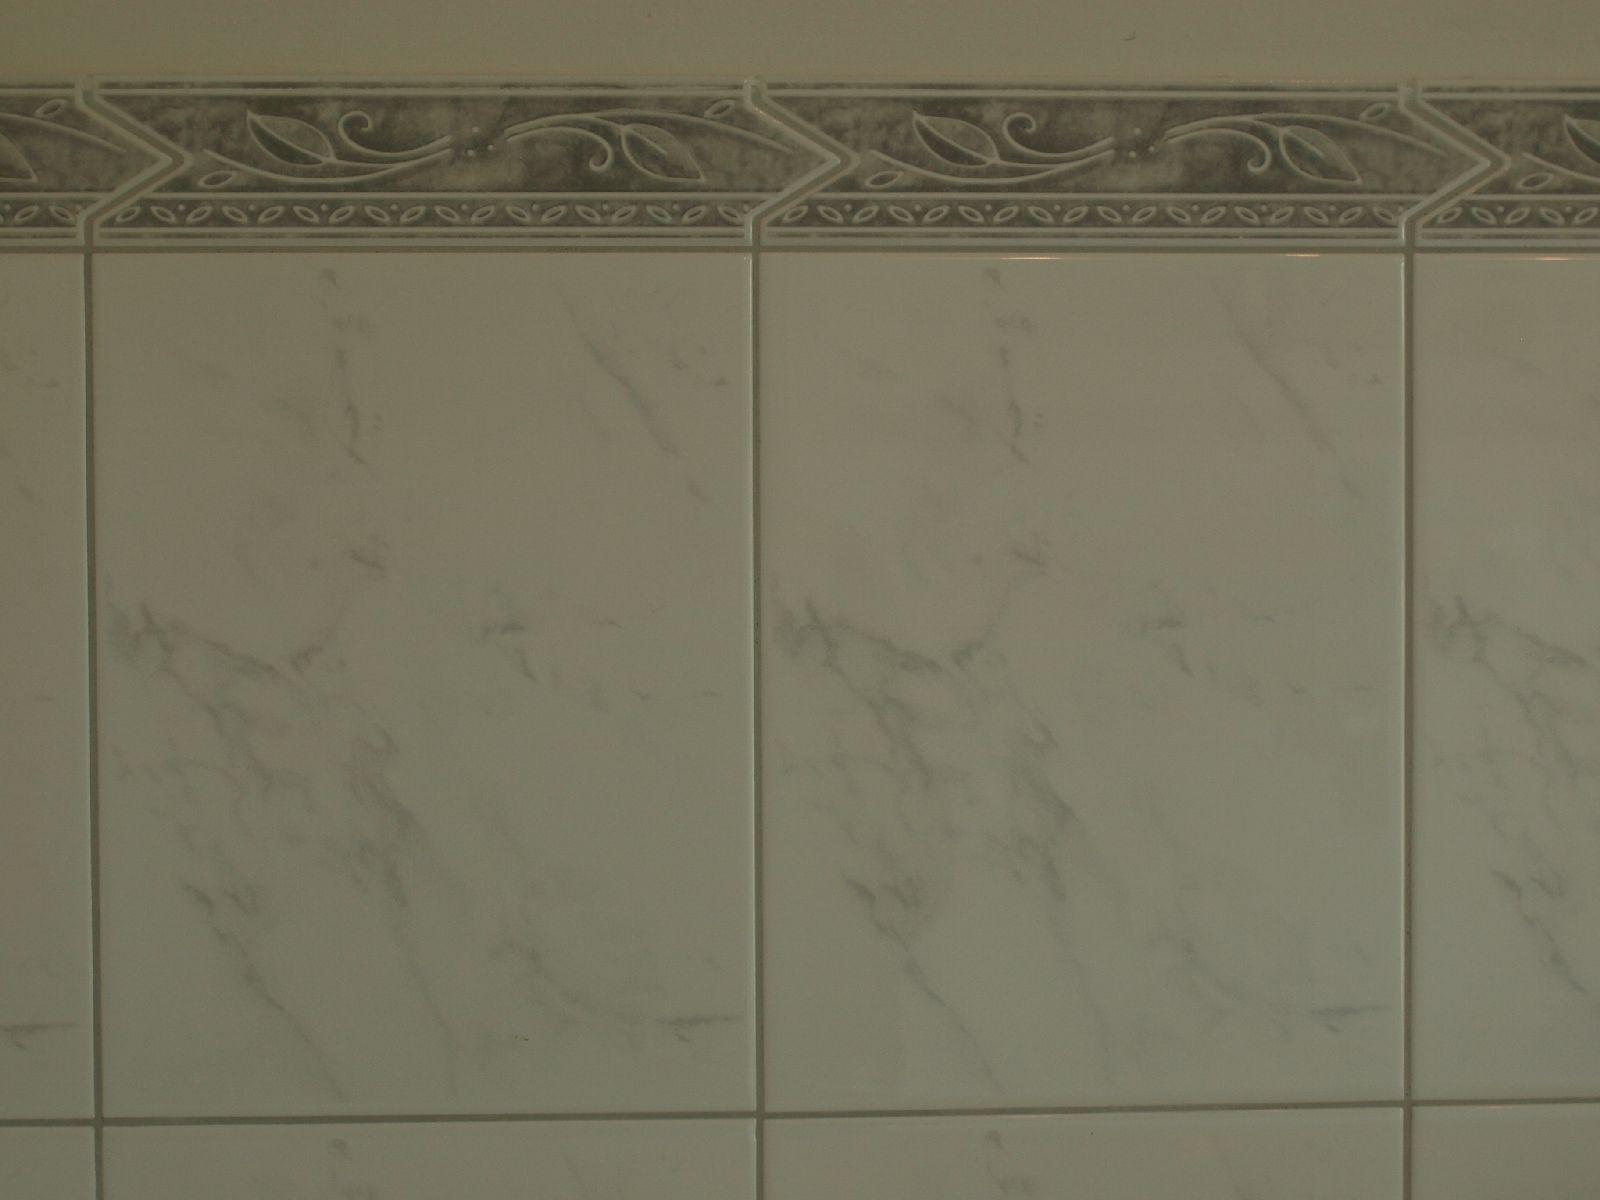 Innenraum-Material_Textur_A_P9269839